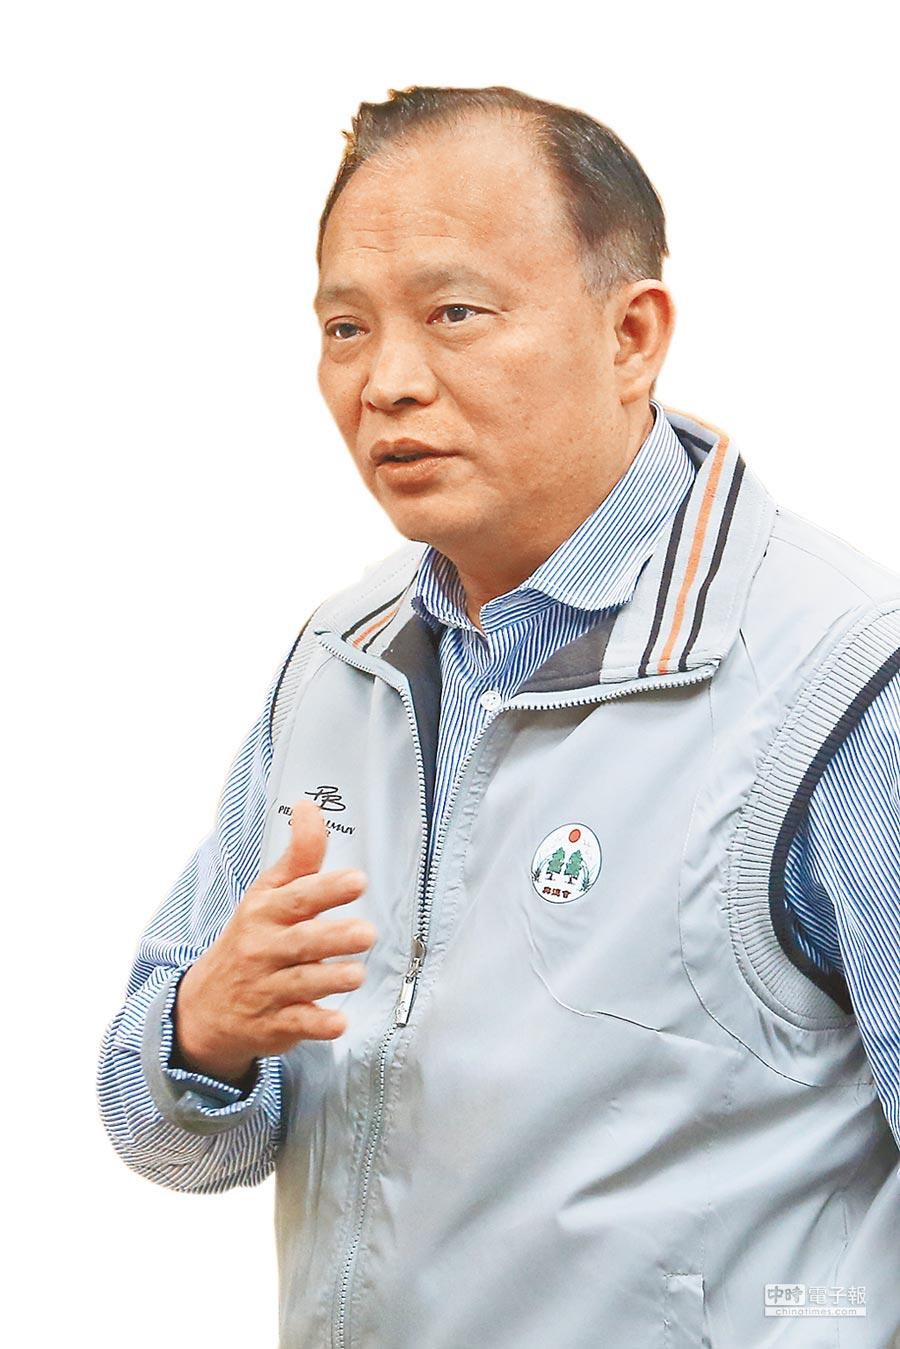 農委會主委林聰賢16日宣布,17日零時起全國家禽禁宰禁運7天,但室內飼養且直接送到屠宰場屠宰的白肉雞、1日齡的雛雞不在此限。(黃世麒攝)